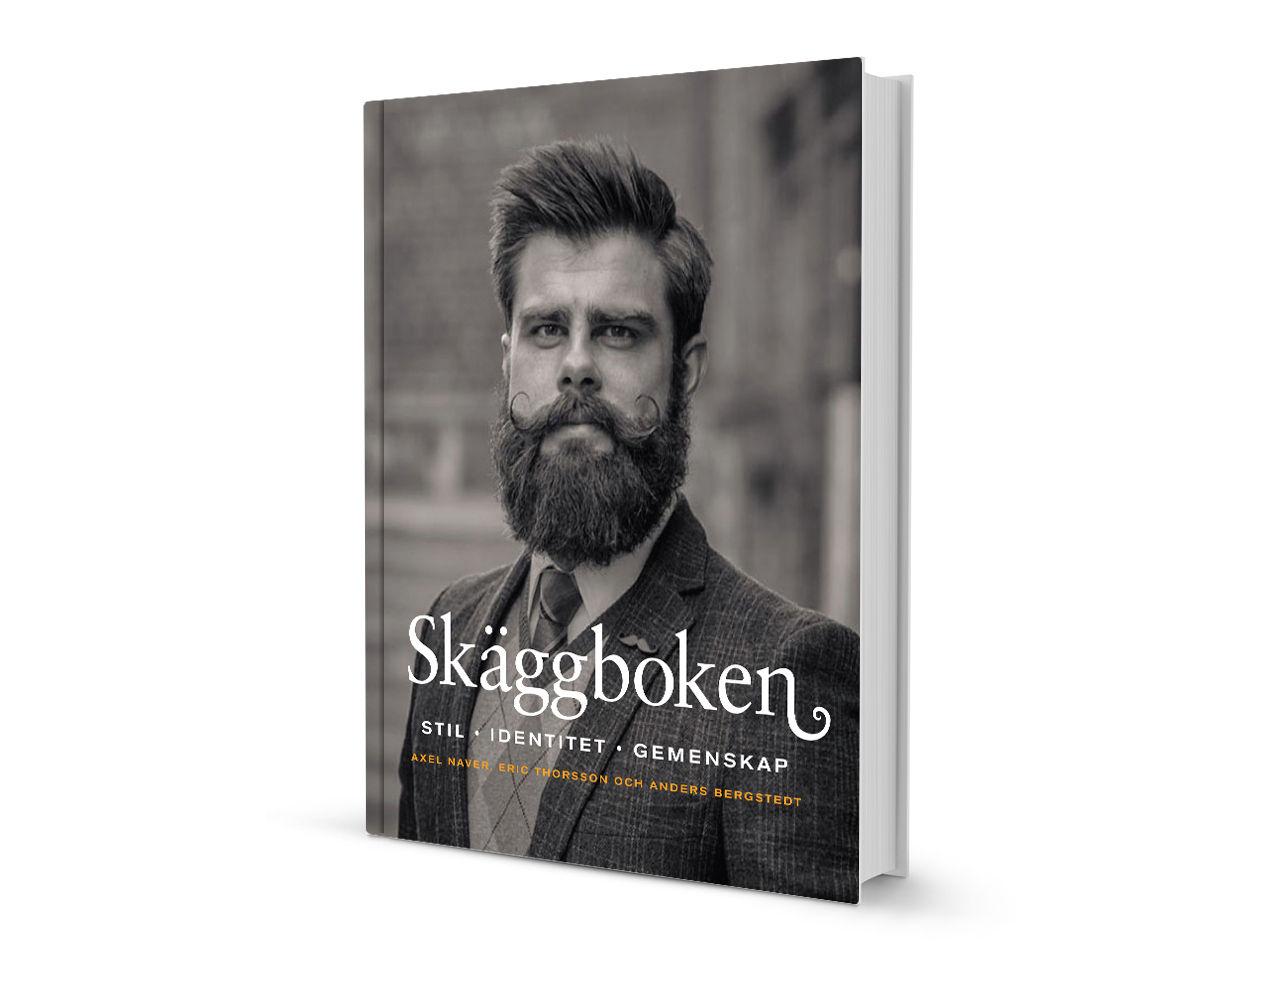 Skäggbloggens bok snart här